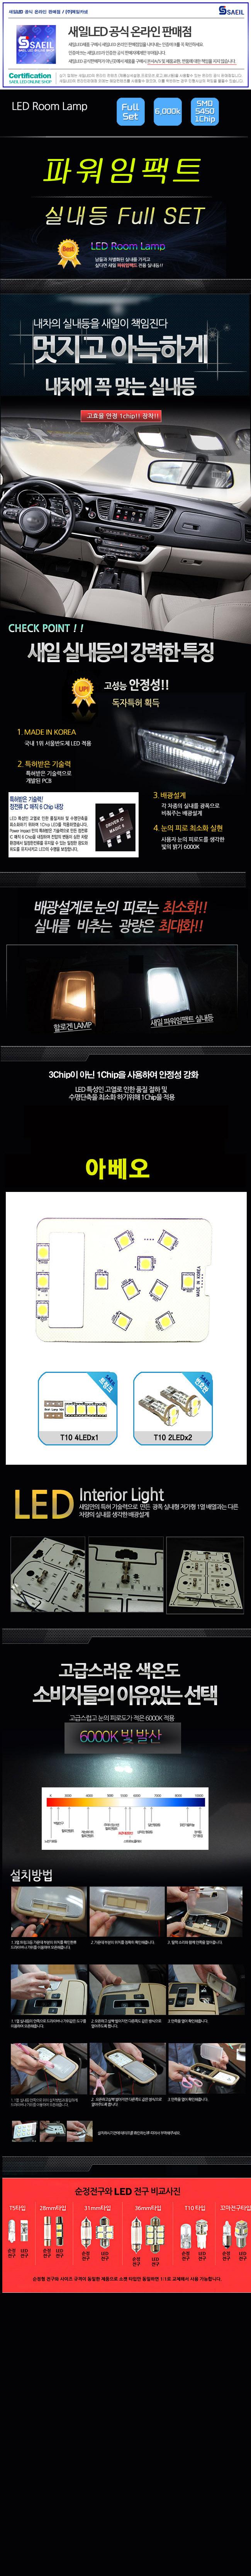 [파워임팩트] 새일 LED실내등 고급형 풀세트 _ 스포티지R